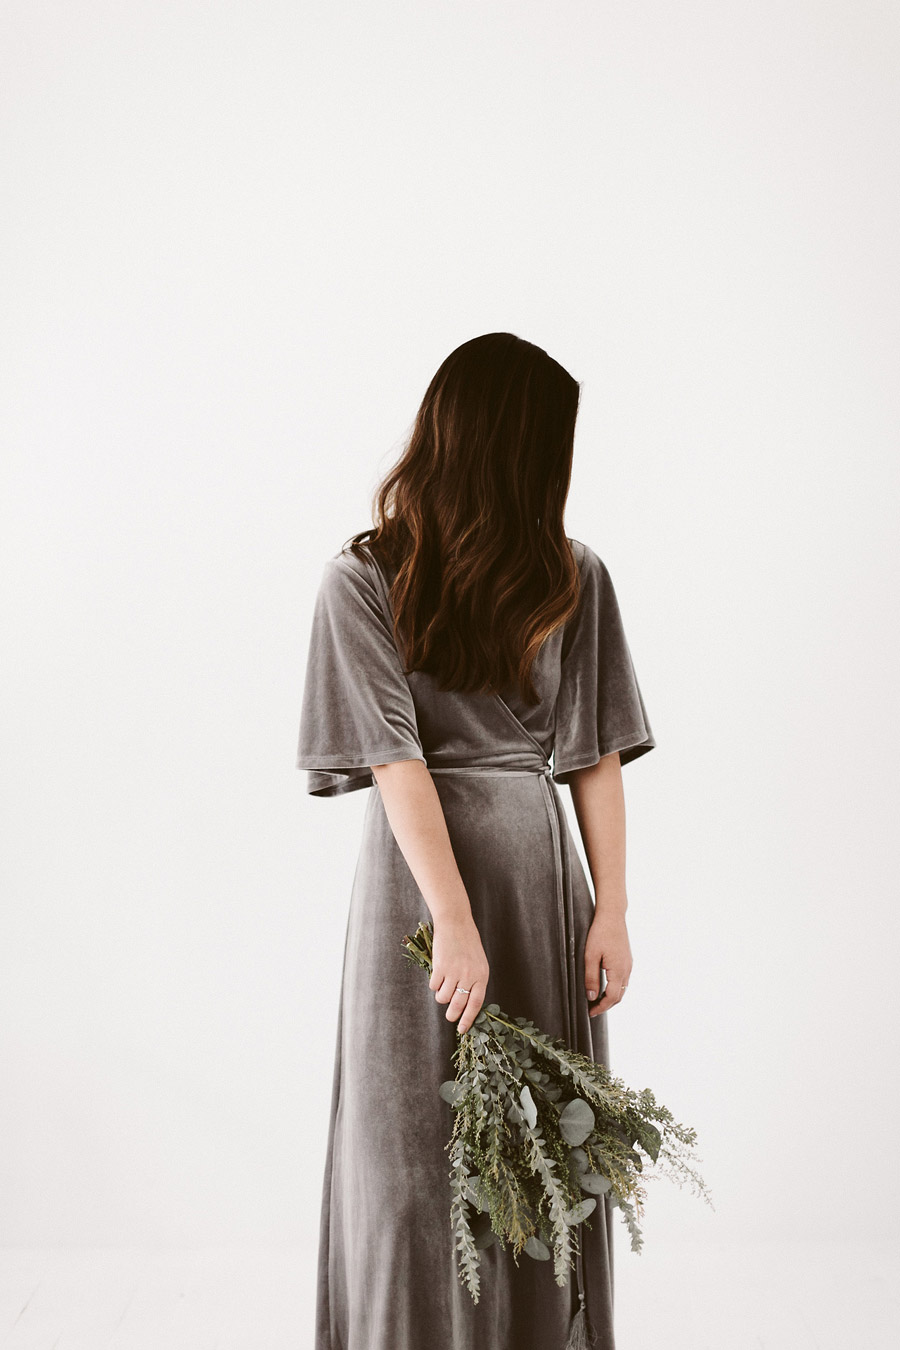 «Красота в простоте», © Тиарра Сорте / Tiarra Sorte, Сиэтл, США, Финалист в категории Профессионал : Модные сюжеты, Фотоконкурс «Стиль жизни» / Lifestyle Photography Competiton